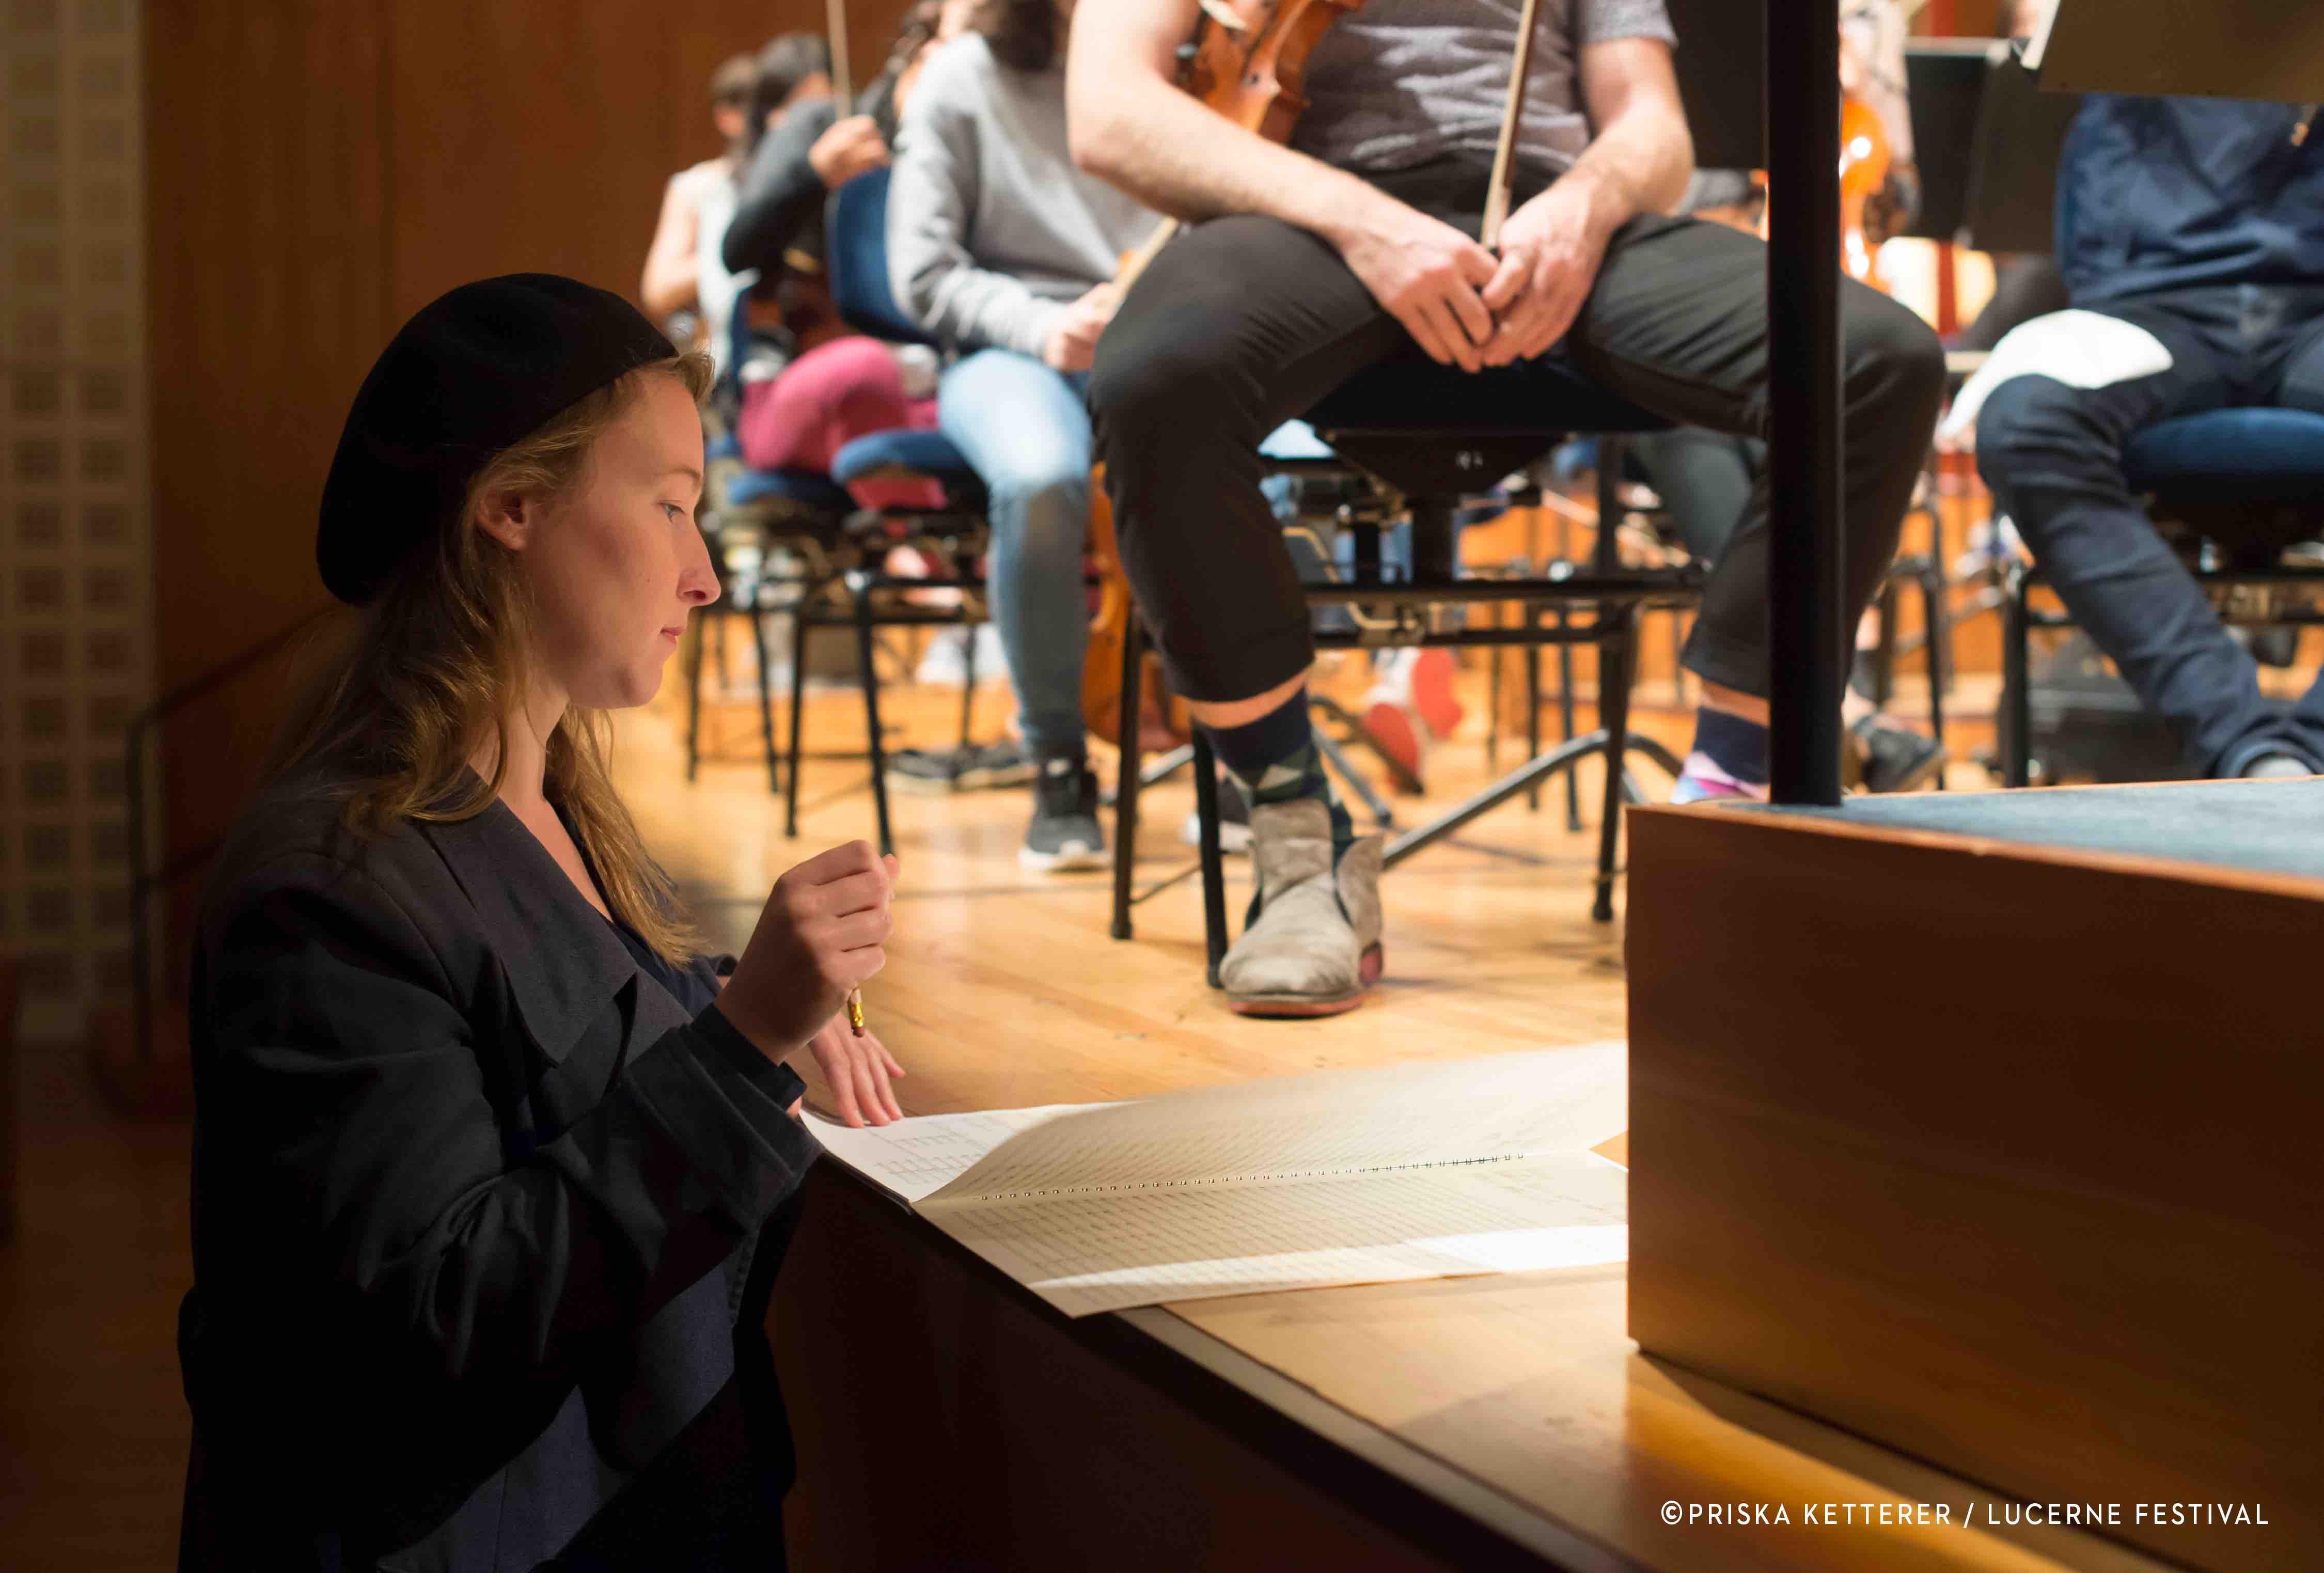 宝齐莱与瑞典作曲家丽莎·斯特赖奇(Lisa Streich)打造两项创意杰作.jpg